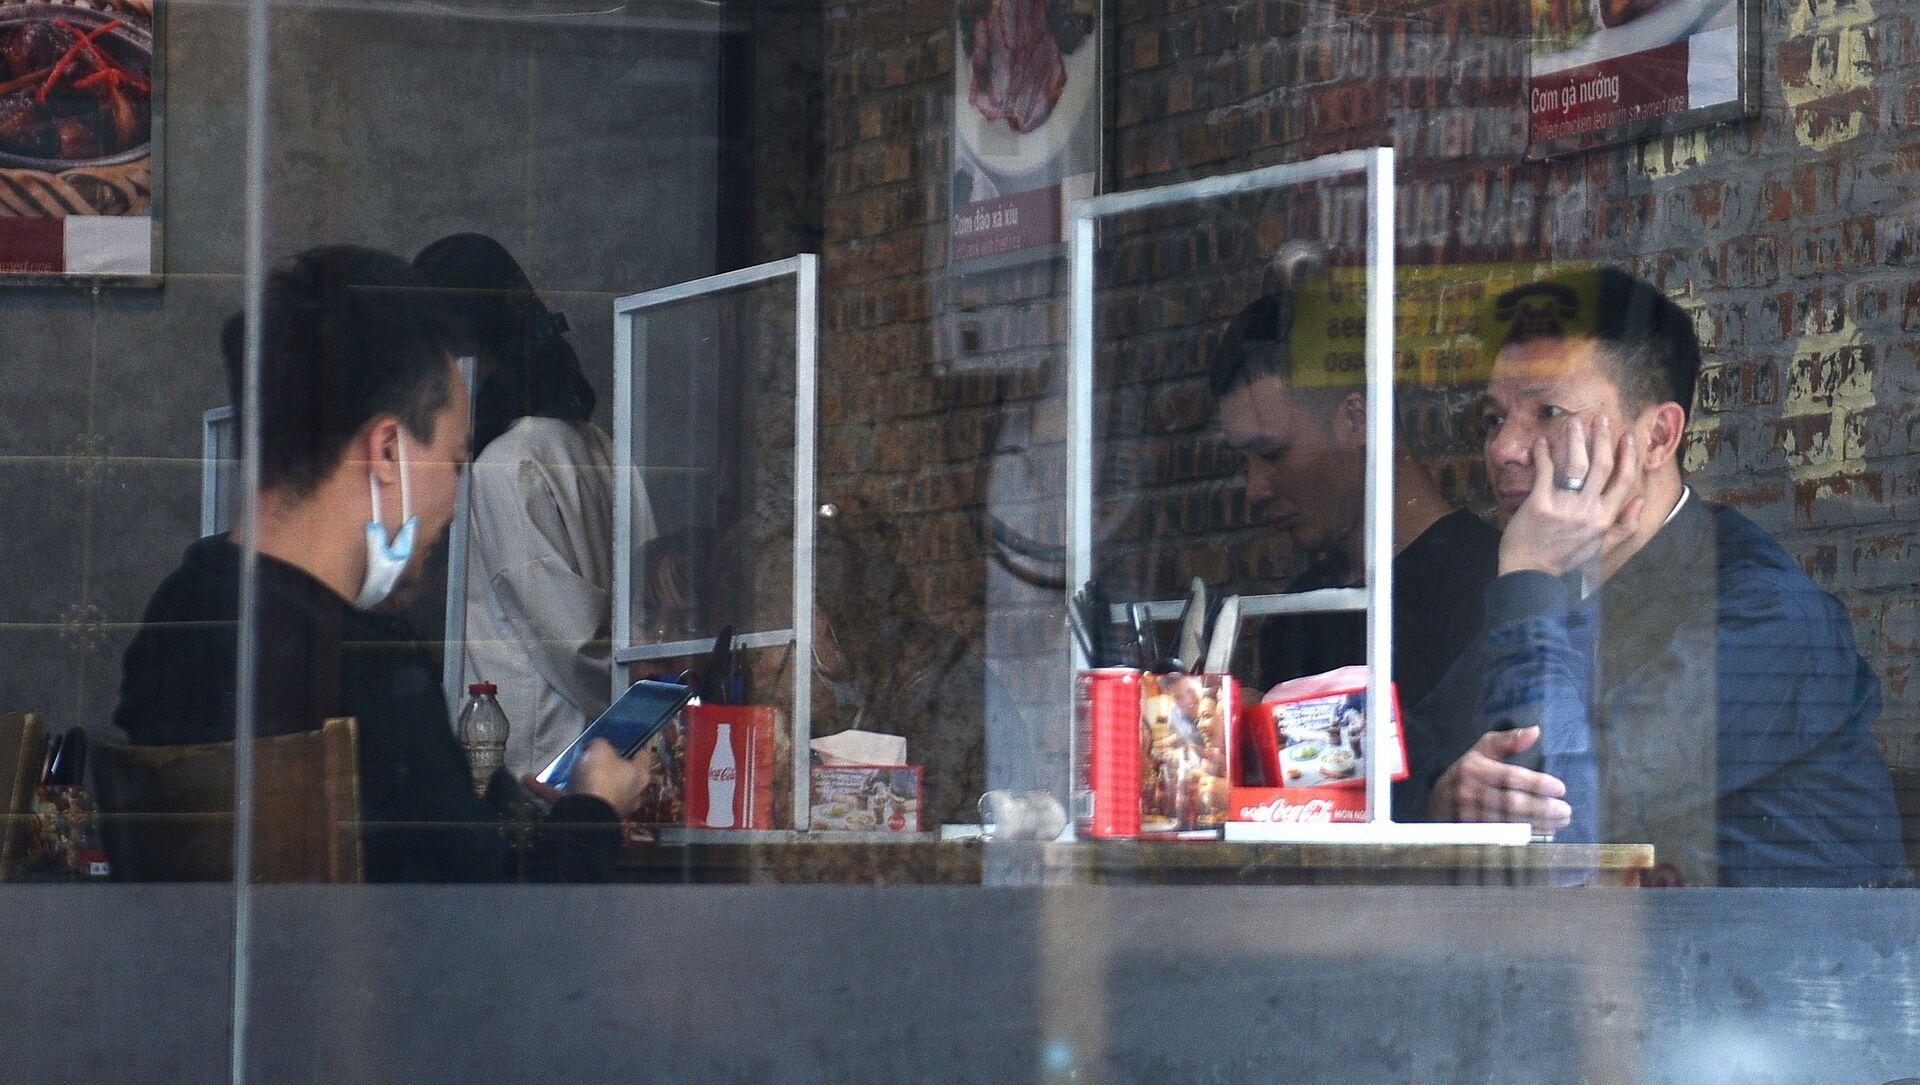 Thực khách ở Hà Nội ngồi trong nhà hàng sau tấm chắn nhựa chống coronavirus lây lan - Sputnik Việt Nam, 1920, 07.09.2021